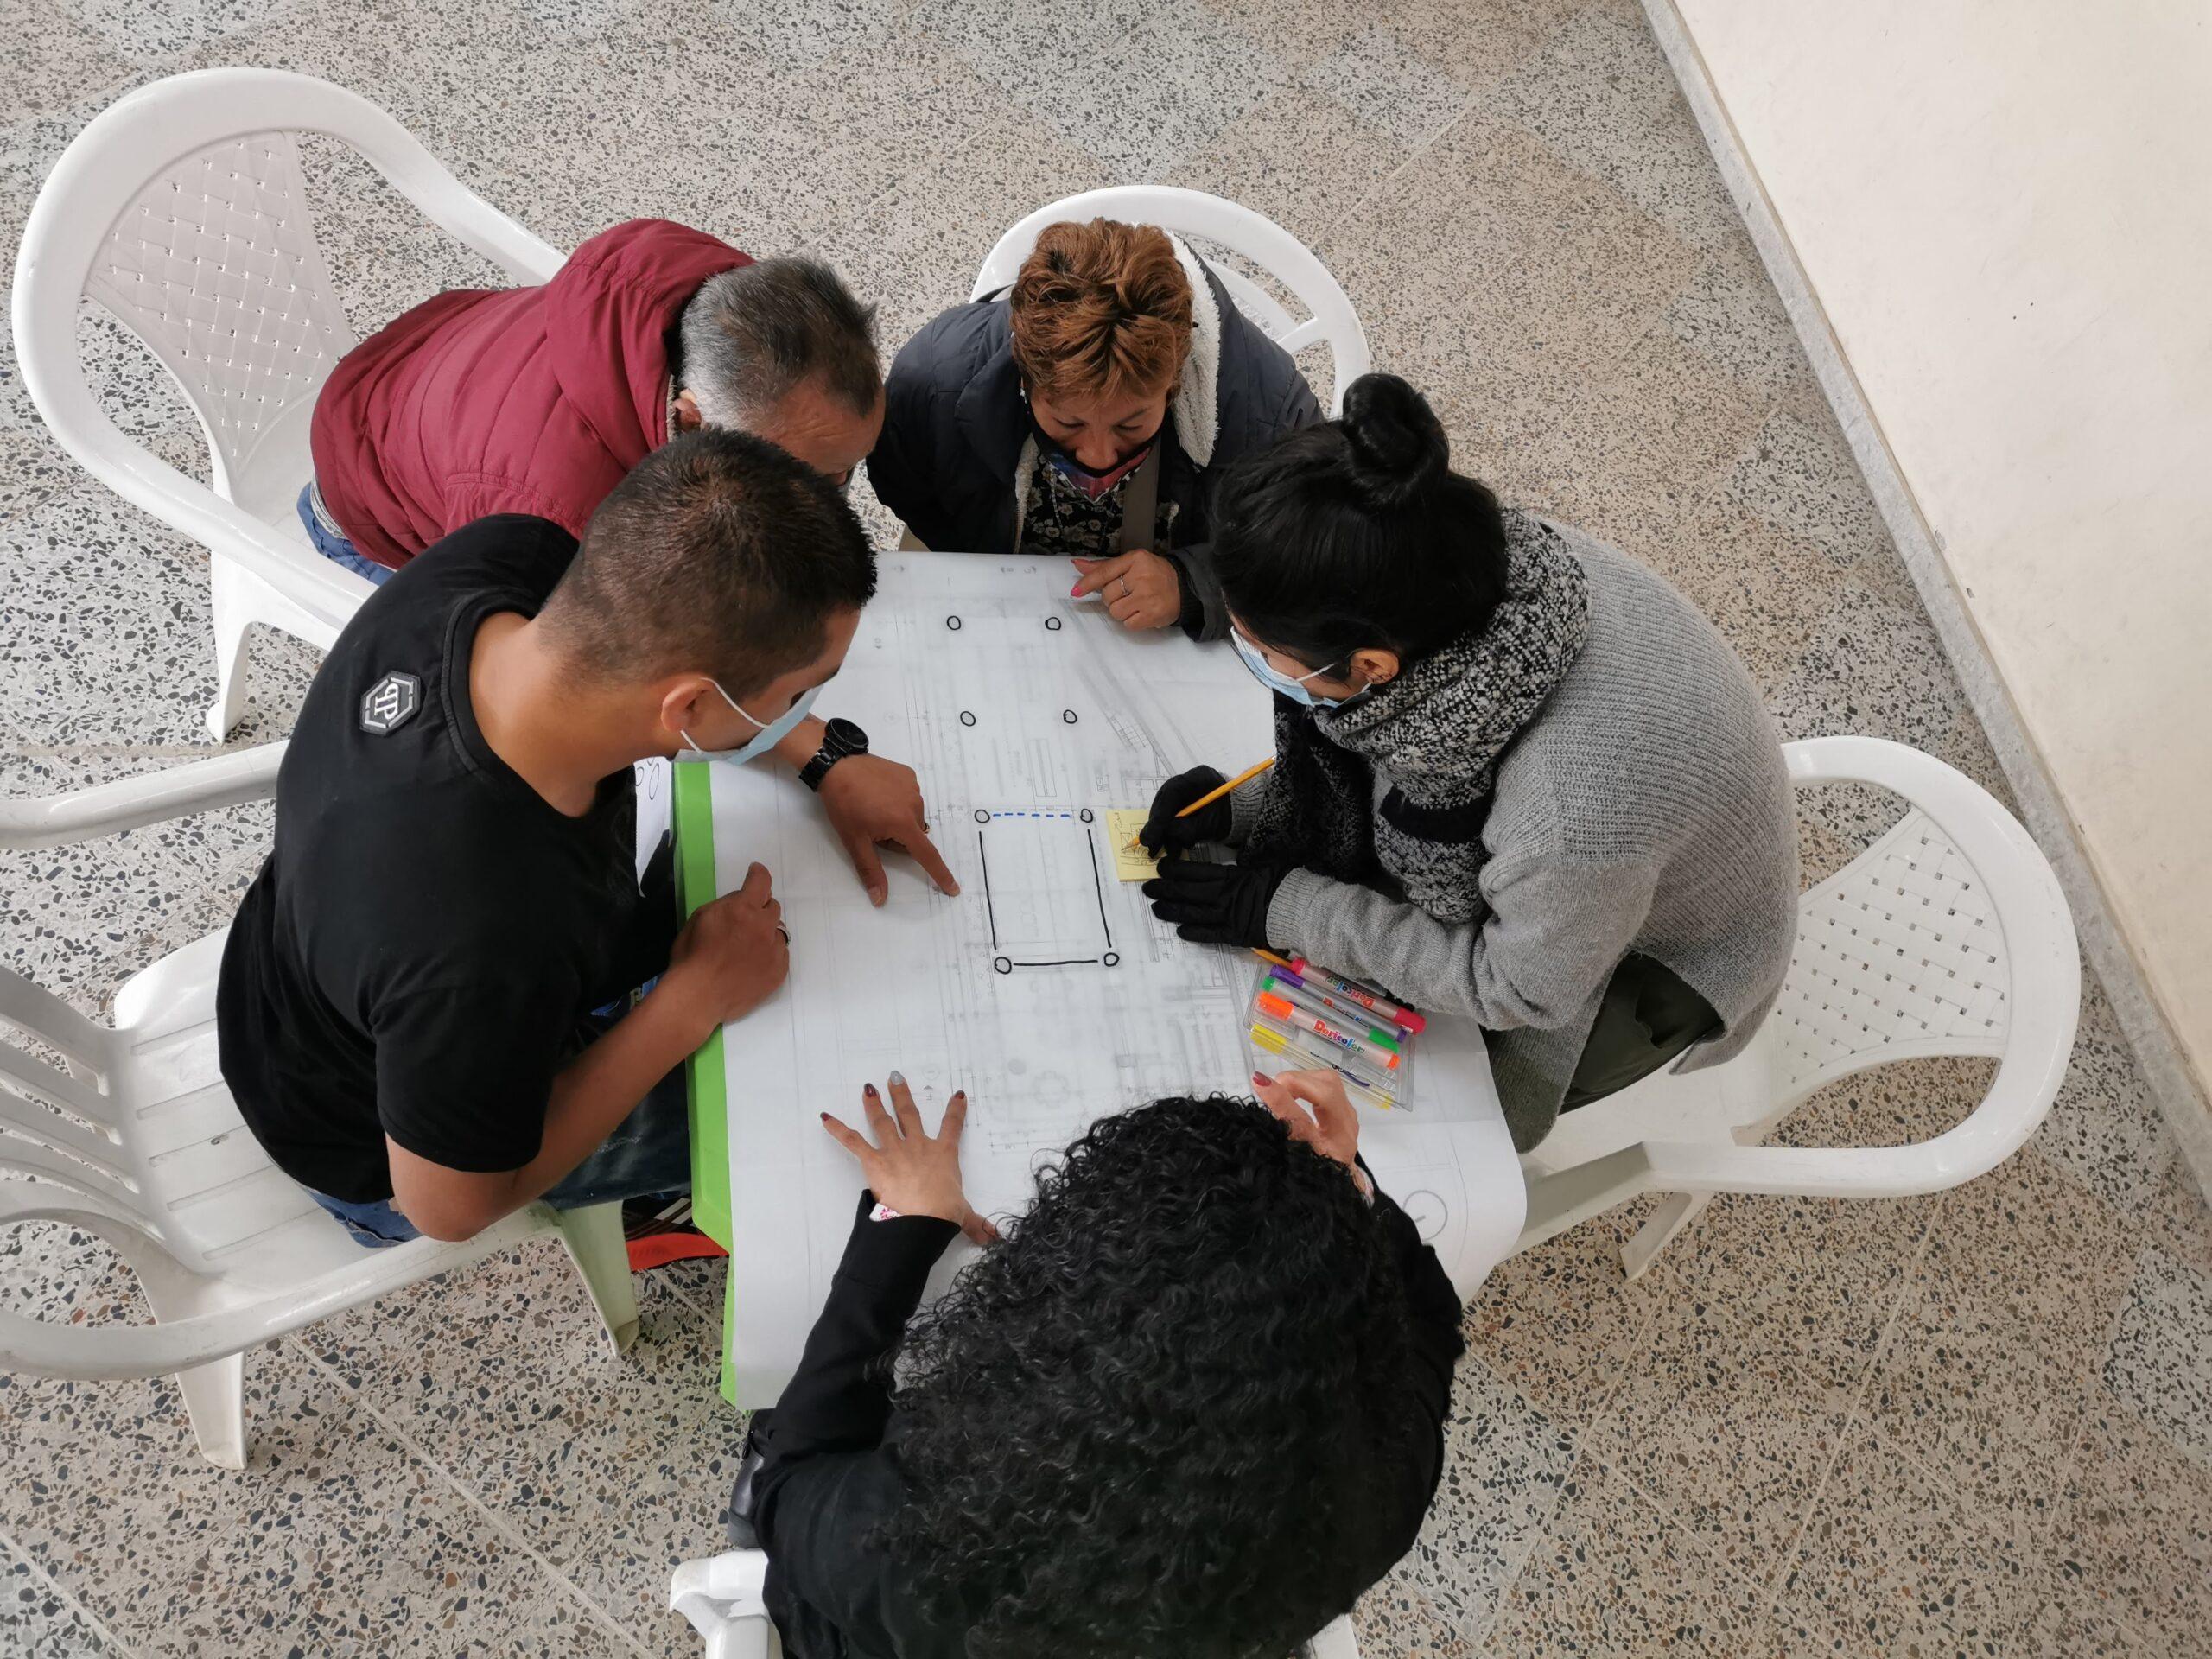 IDPC - Participa - 6. Control Social - Cuando se habla de control social